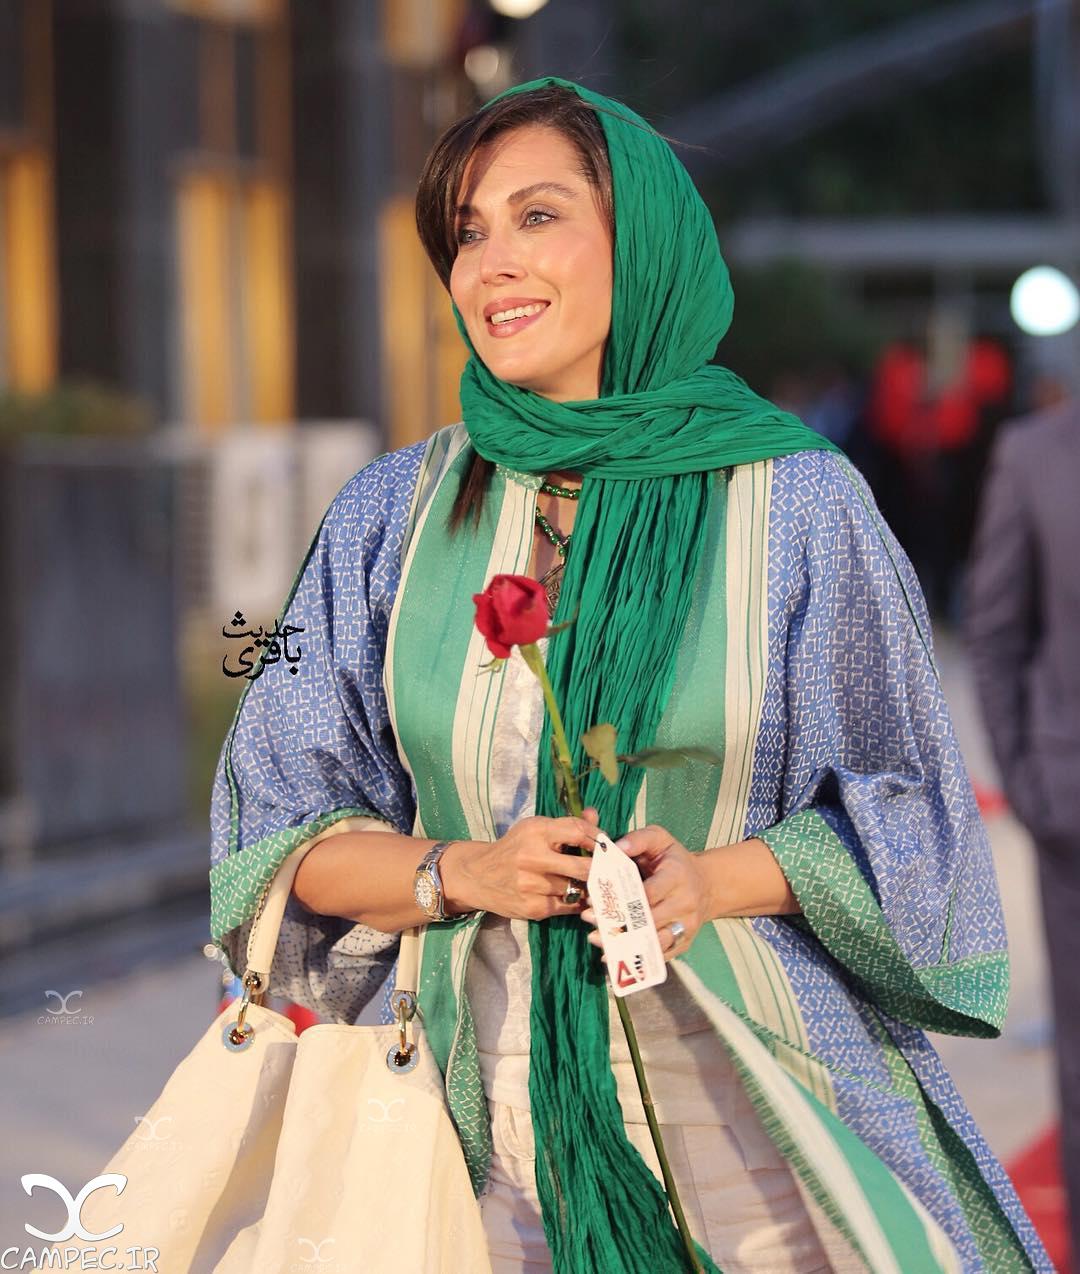 مهتاب کرامتی در جشن حافظ